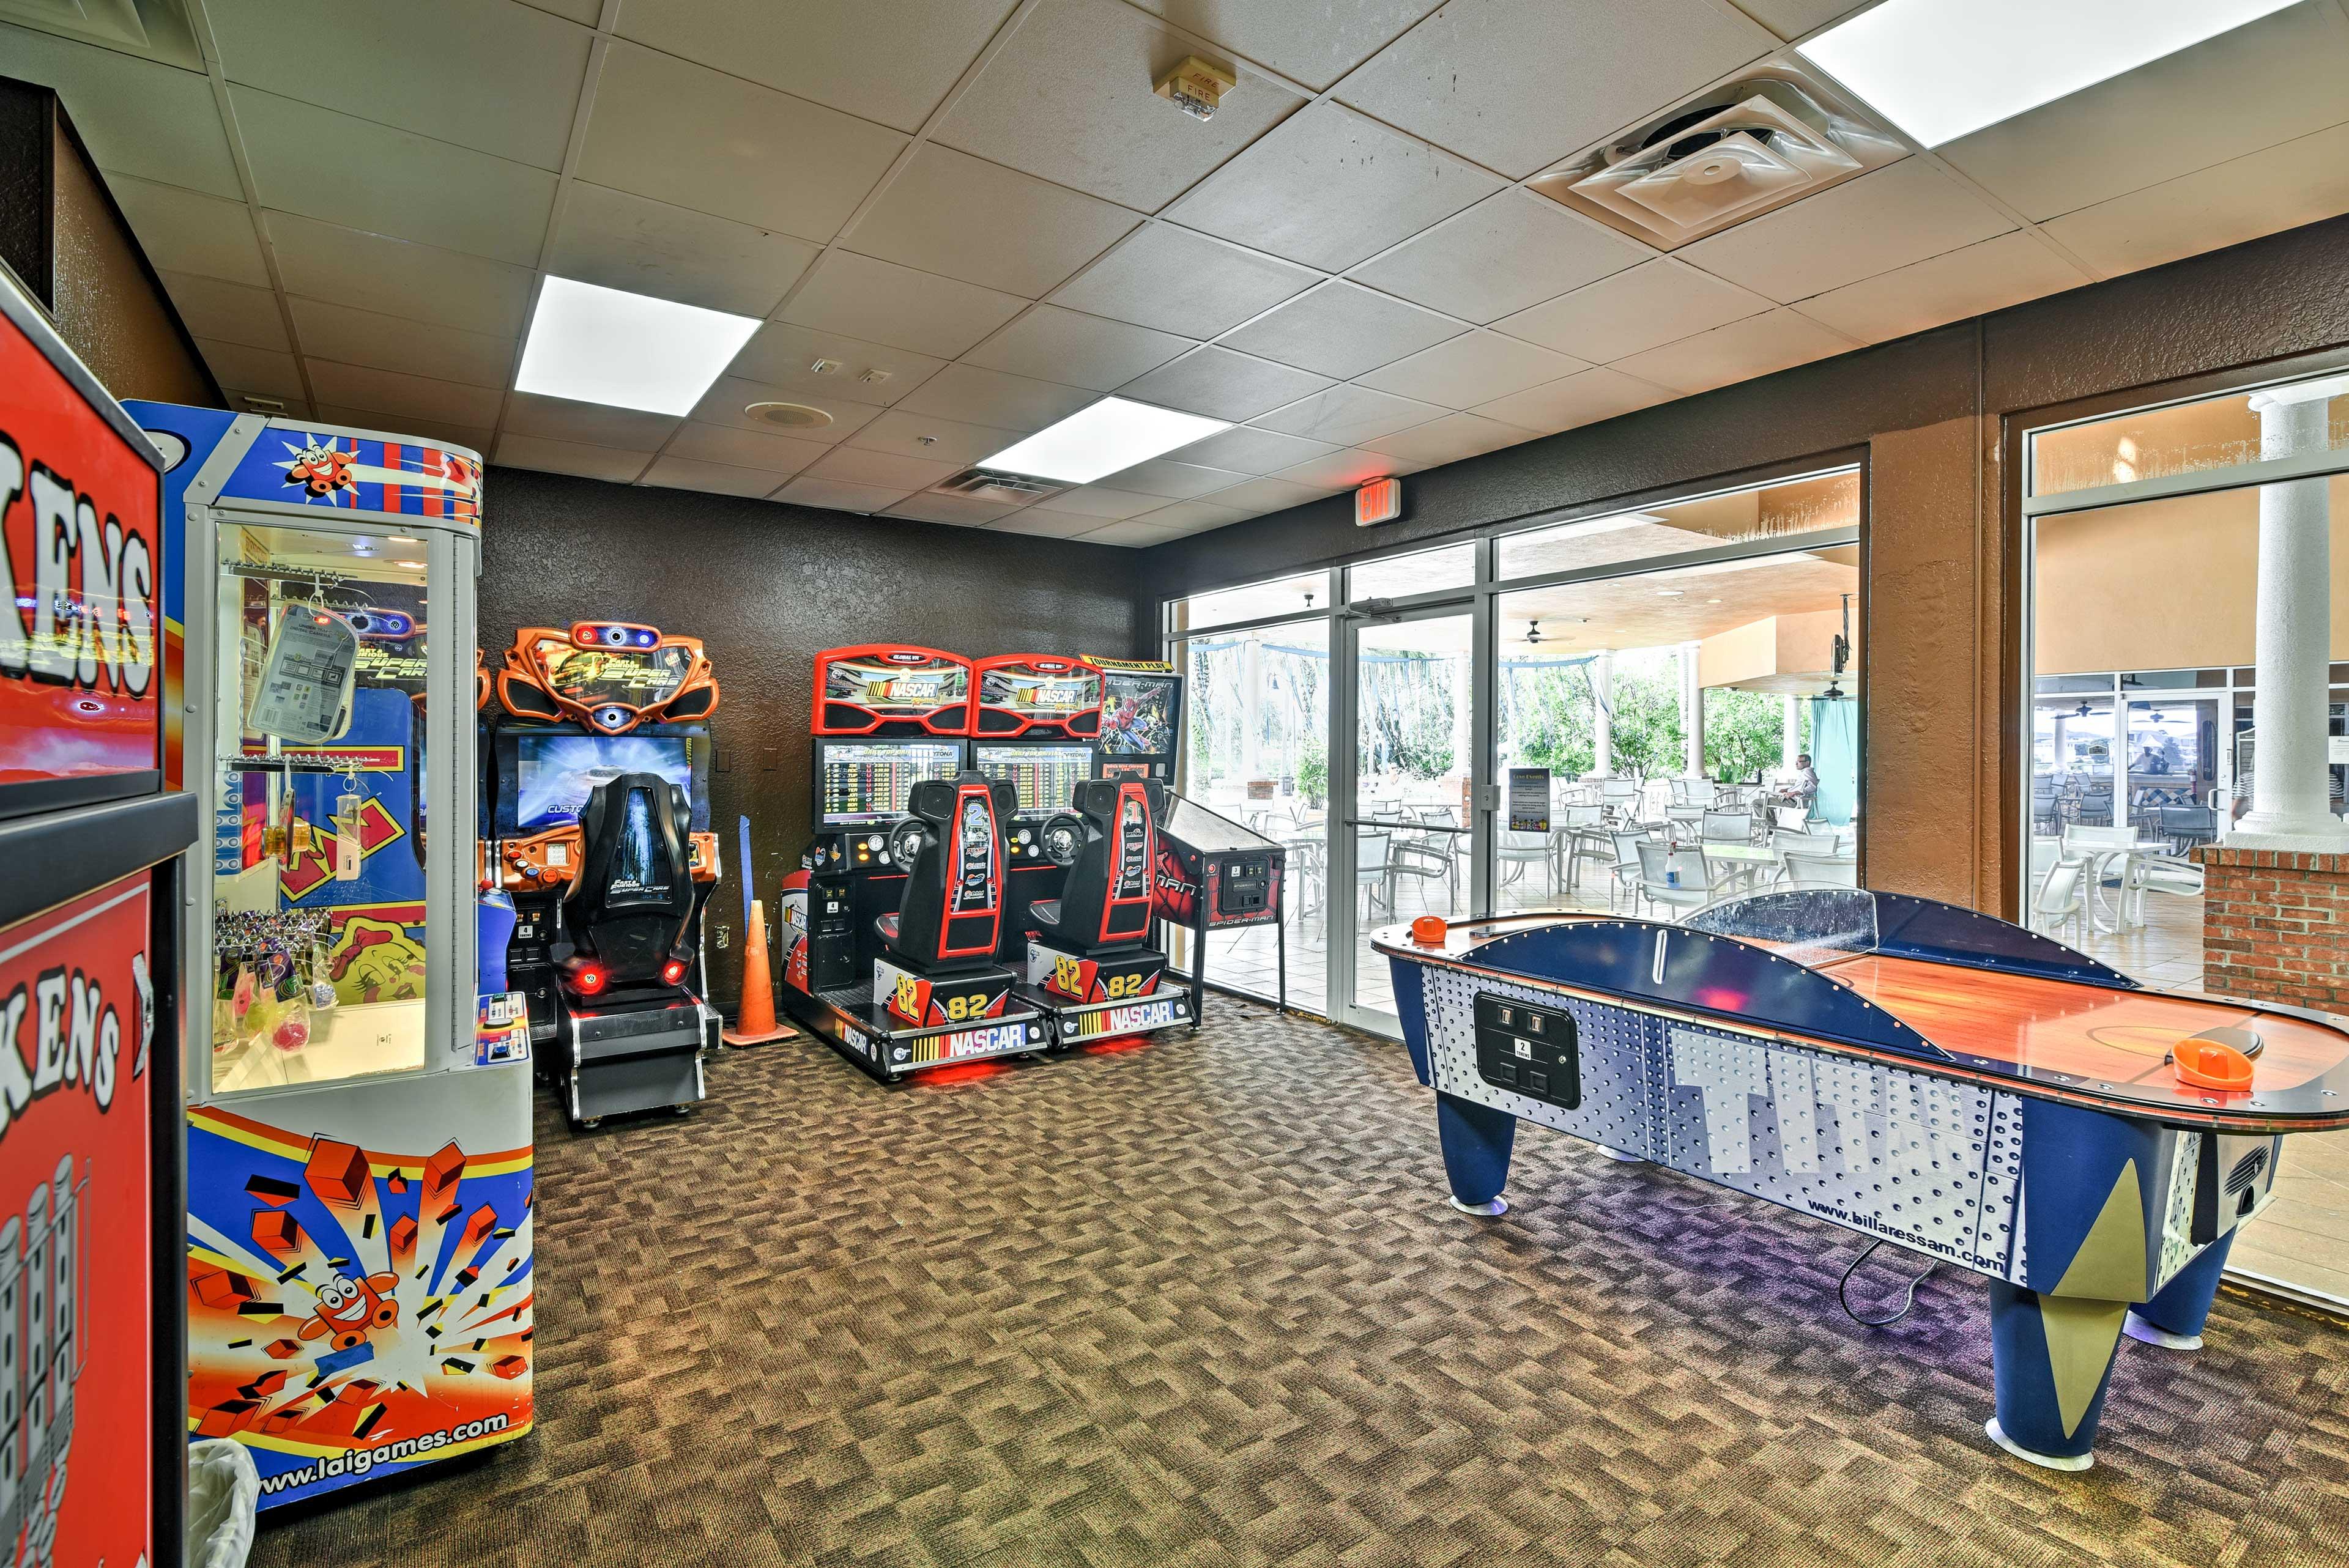 Resort Amenities | Arcade Room